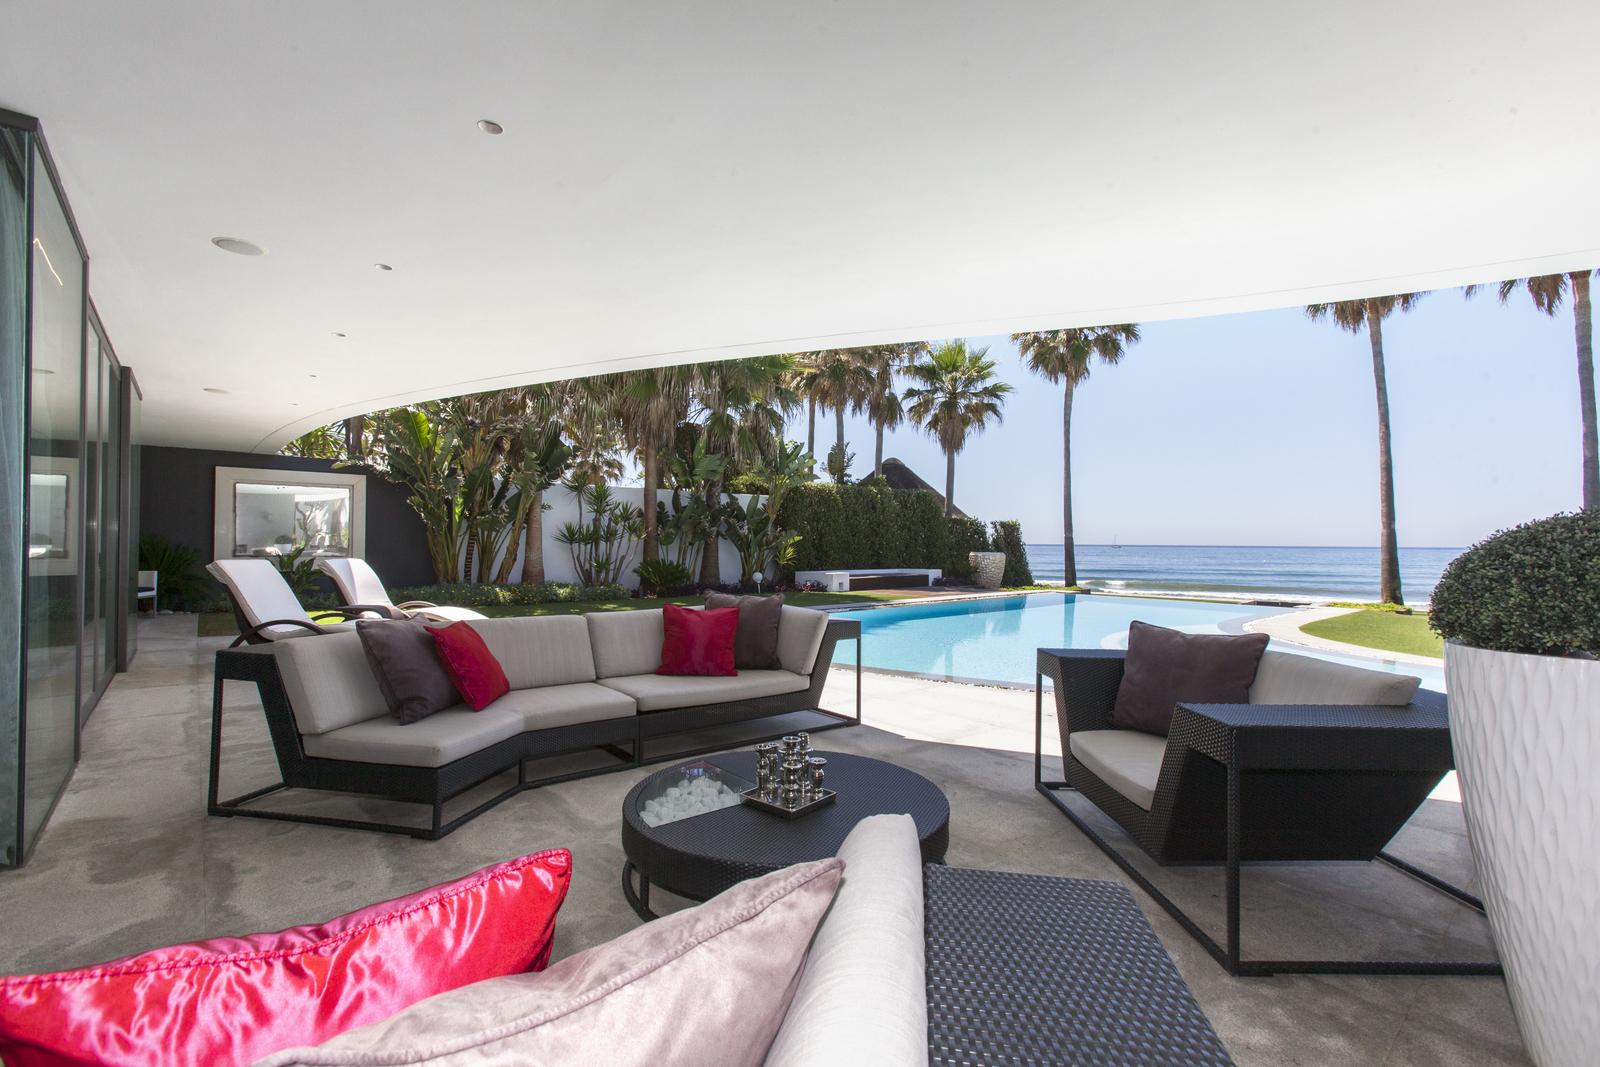 El encanto de las propiedades ubicadas al este de Marbella